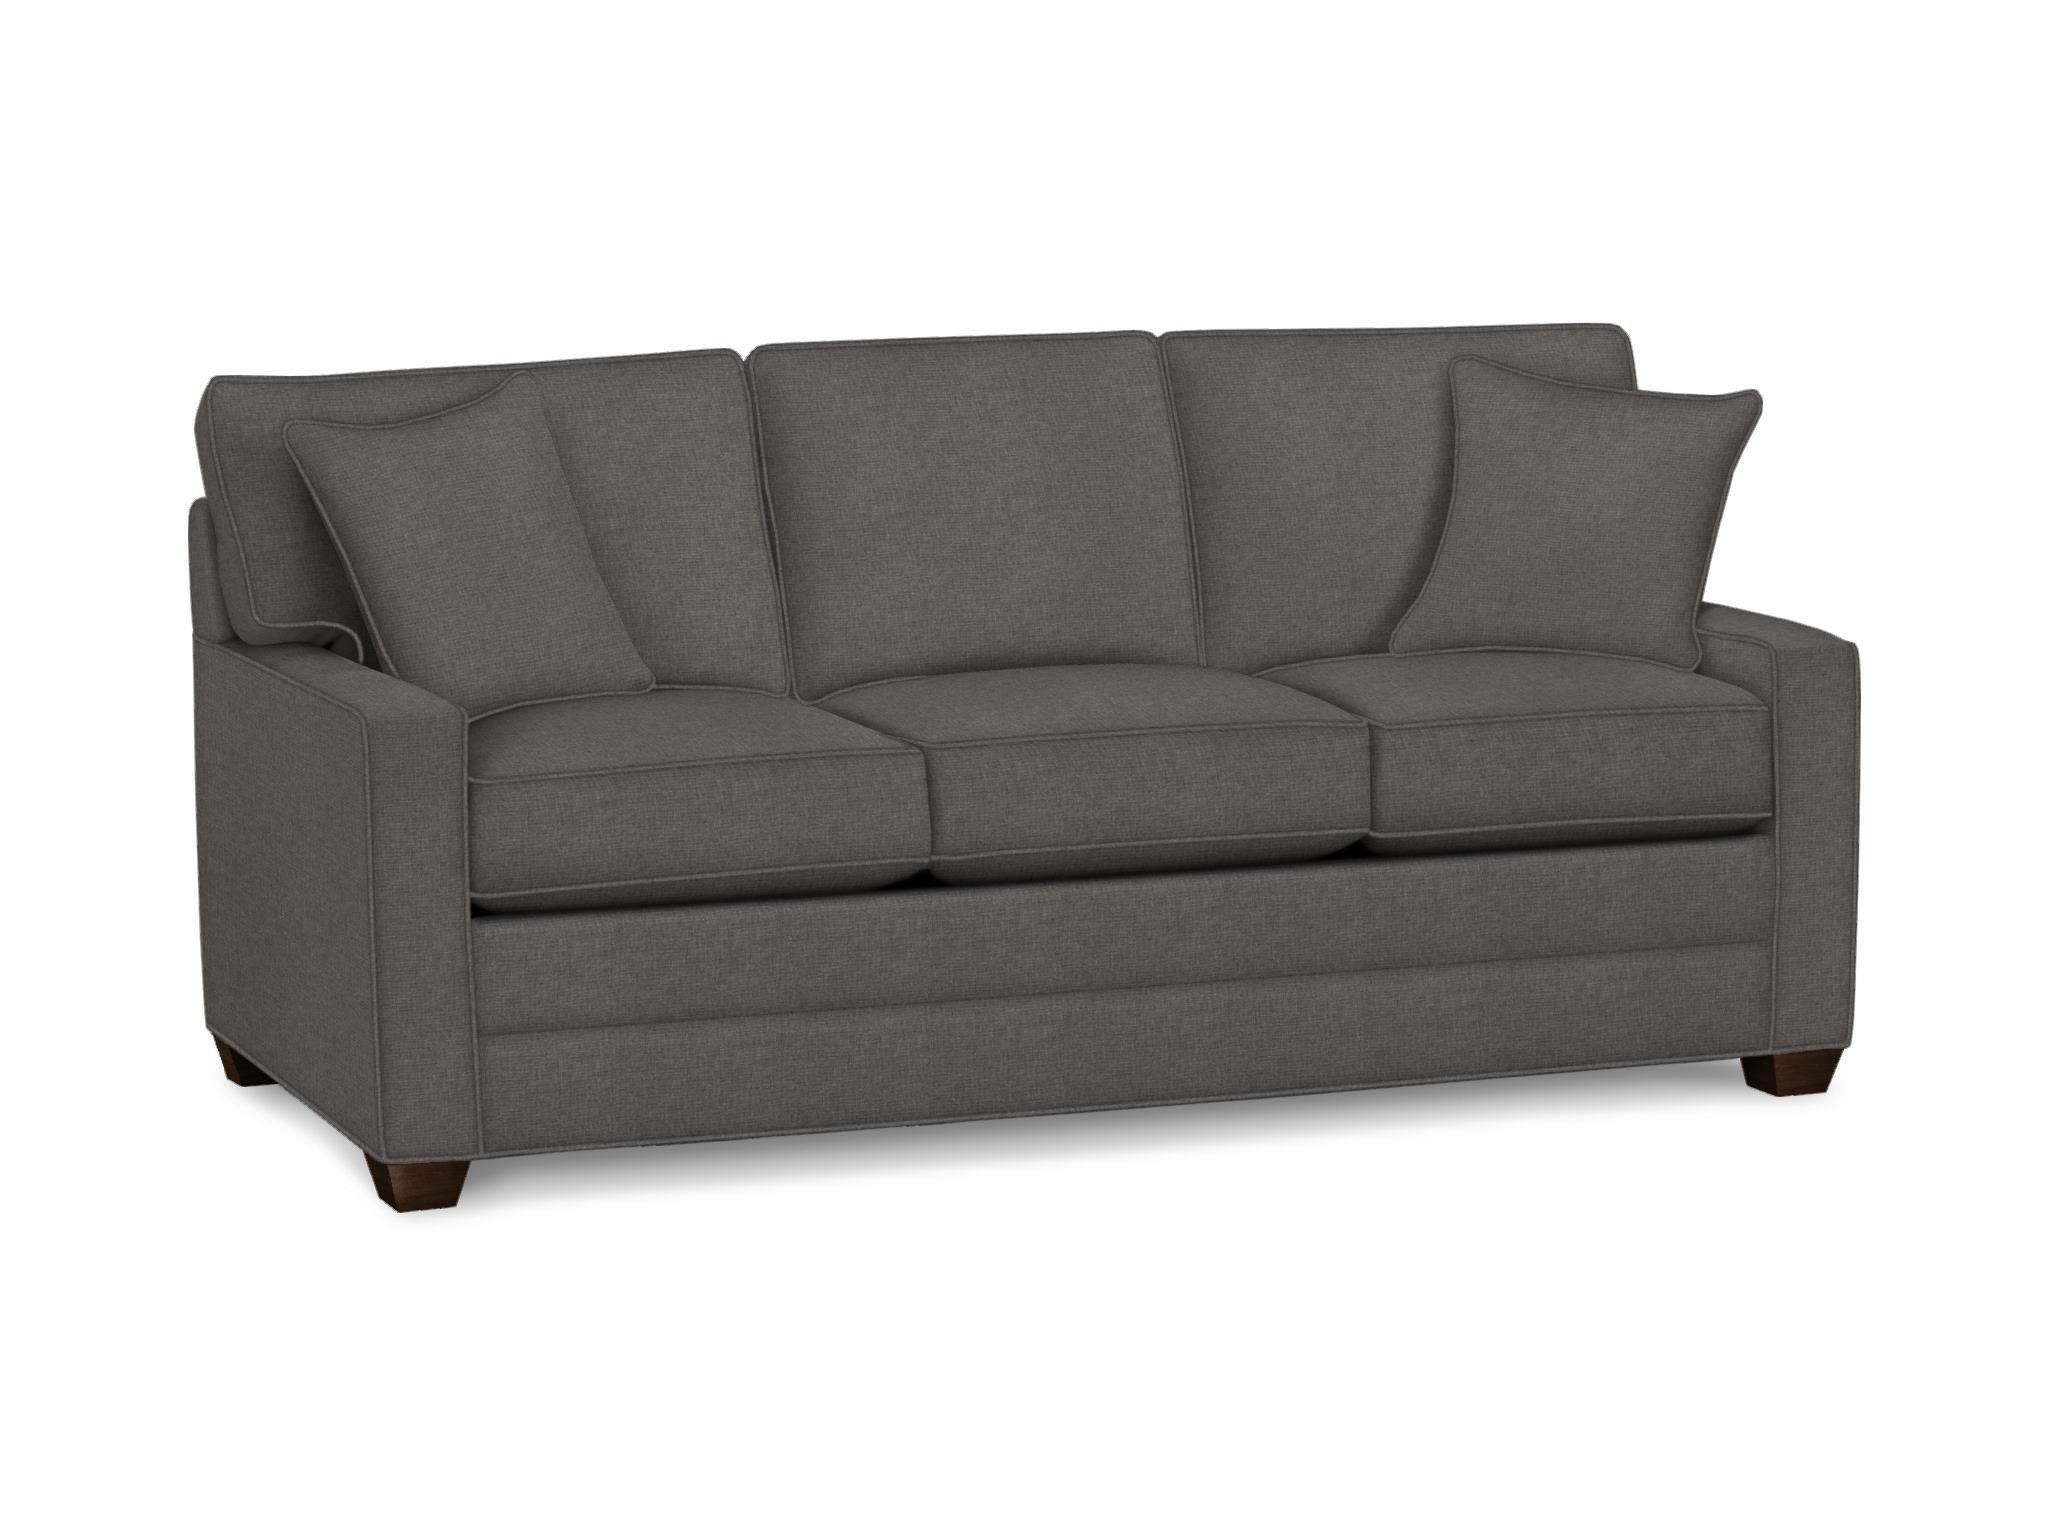 Track Arm Sofa Twin Sleeper Black Faux Leather Ethan Allen Bennett Three Cushion Item